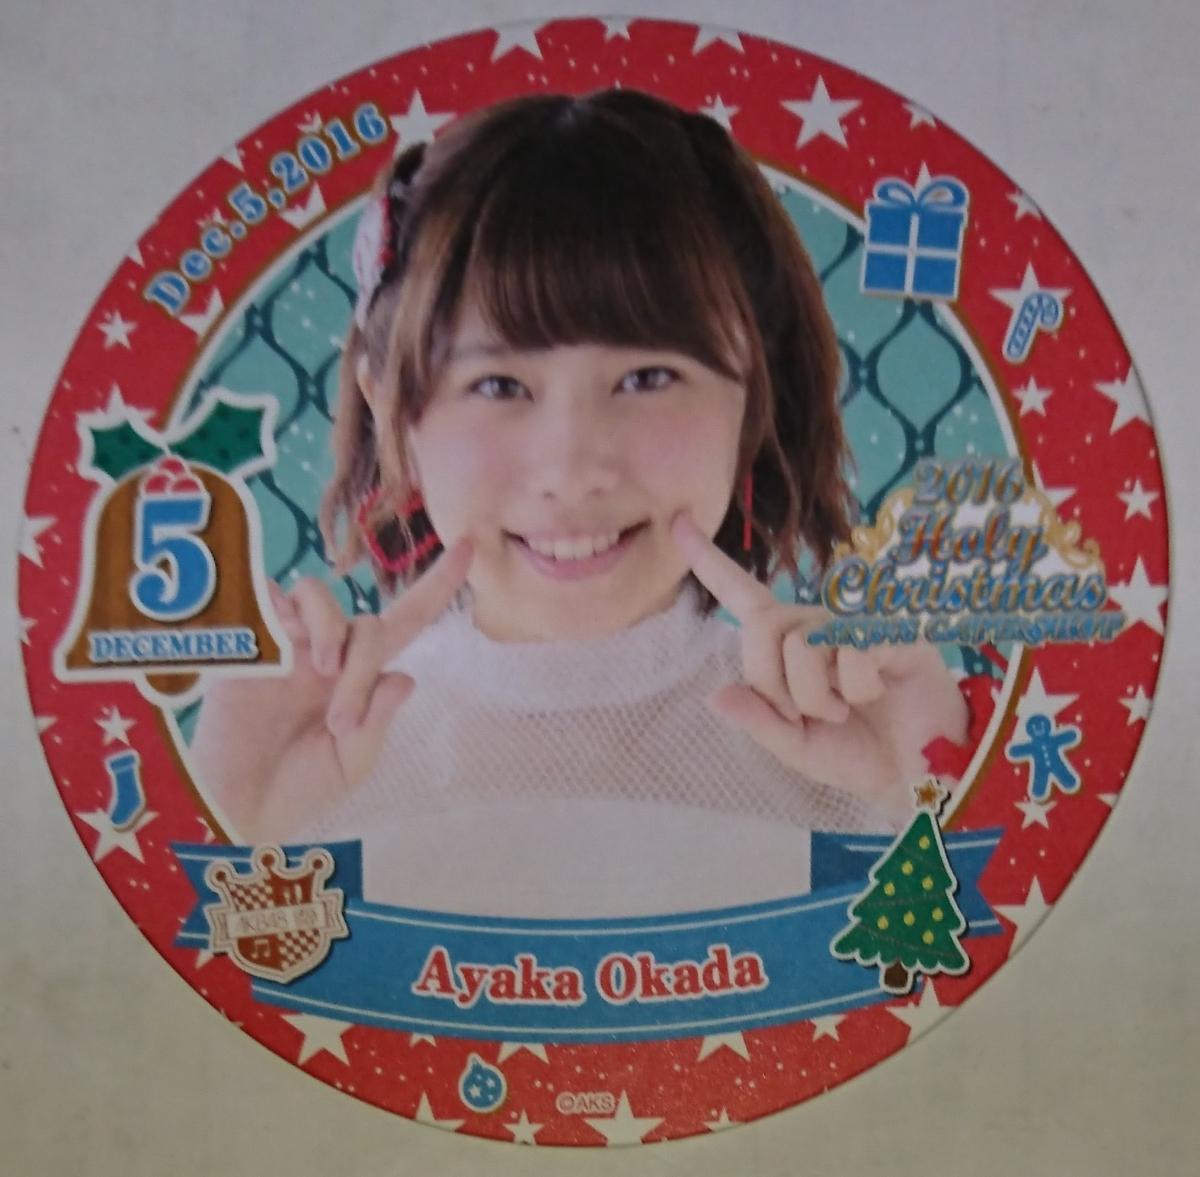 【2016年12月5日:1日限定】AKB48カフェ 2016年クリスマスアドベントコースター 岡田彩花